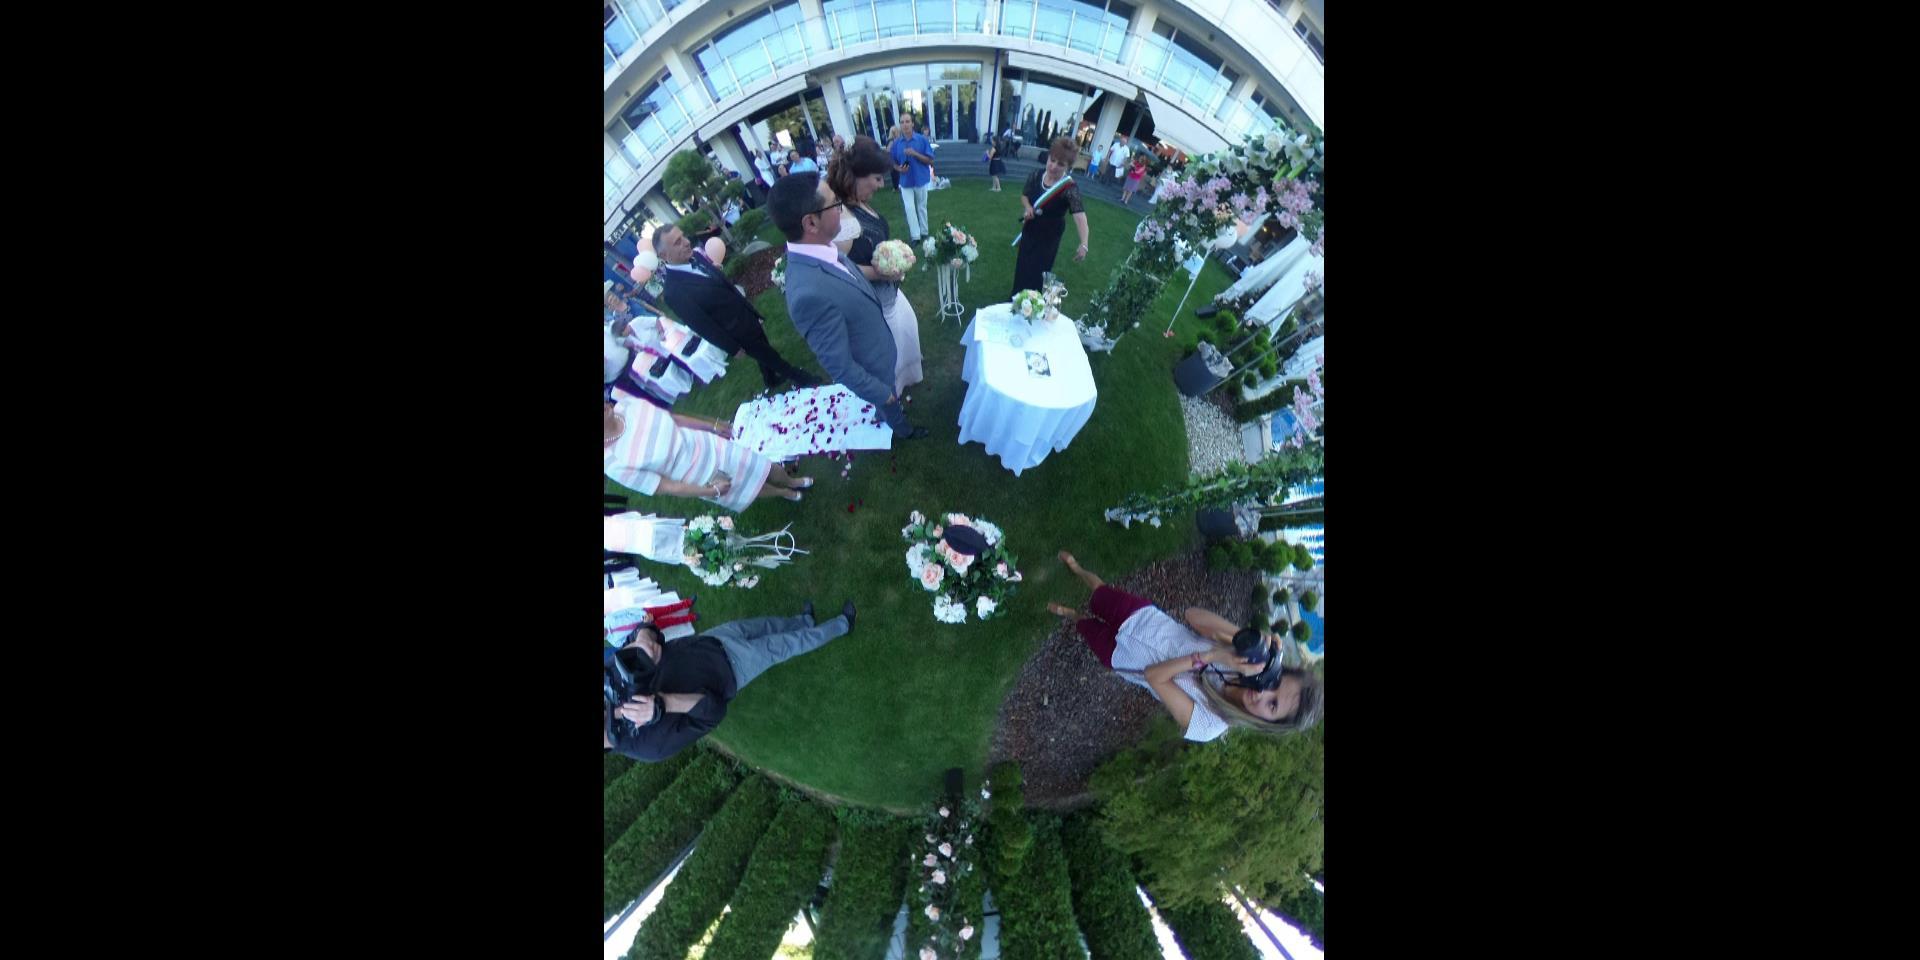 Сватбено видеозаснемане и забвавно селфи след изнесен ритуал в ресторант My Choice - SkyWay - София (Видео)